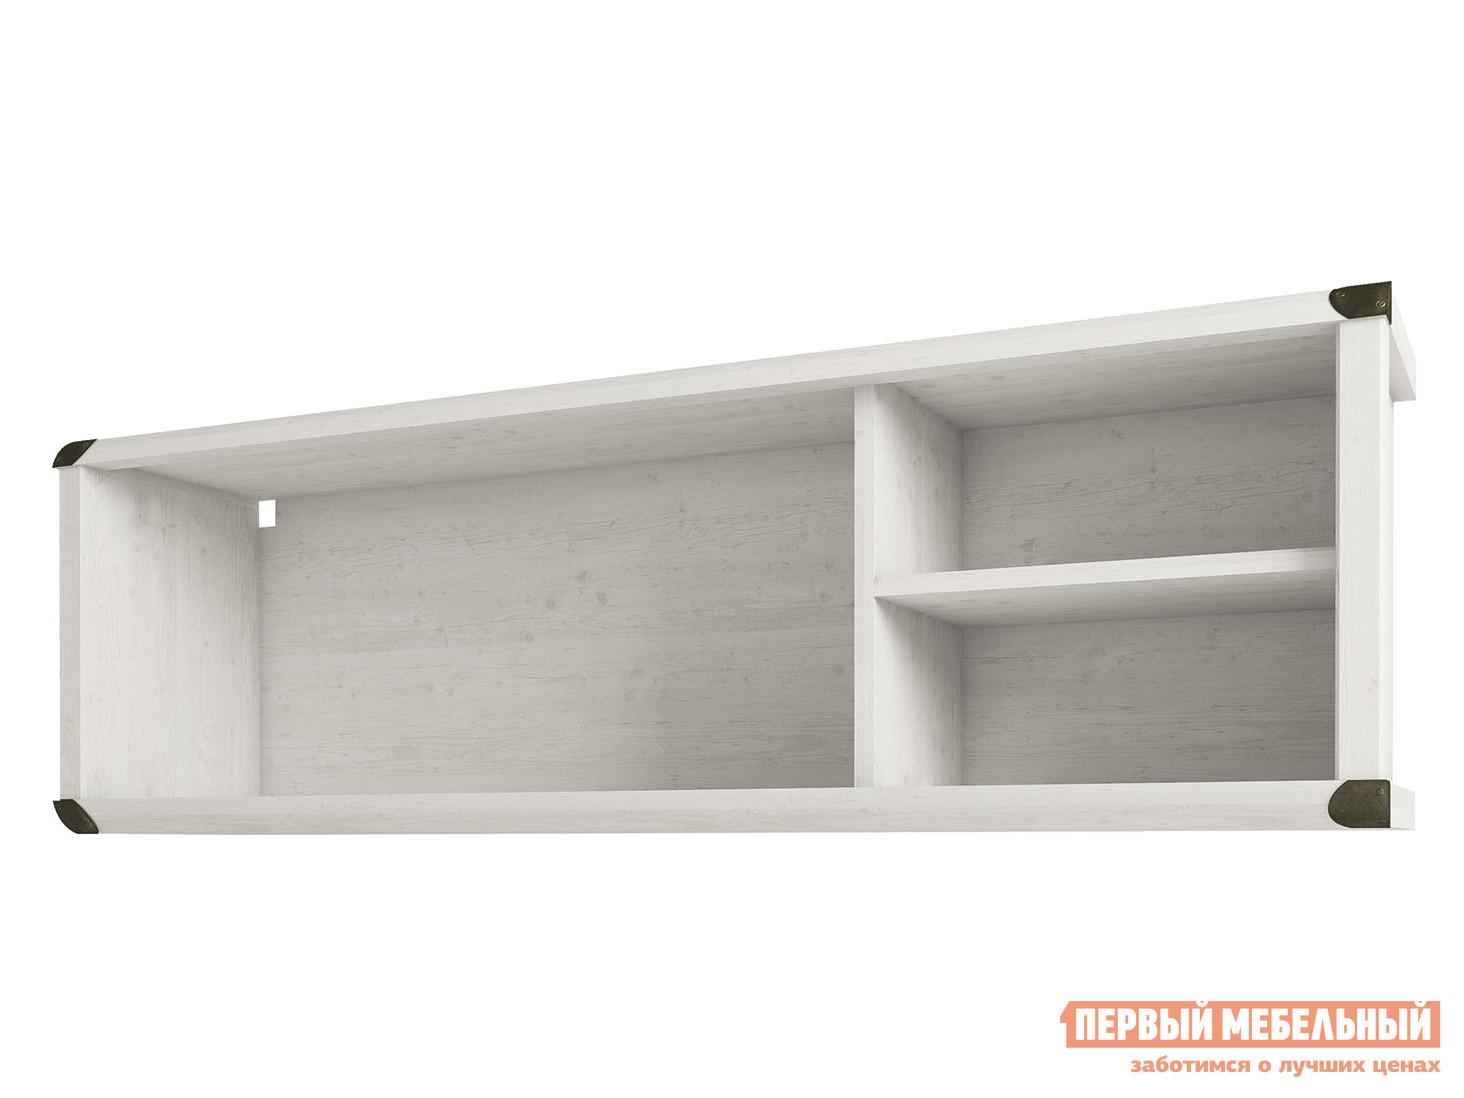 Навесной шкаф Первый Мебельный Шкаф навесной Магеллан навесной шкаф первый мебельный шкаф навесной длинный маркиза